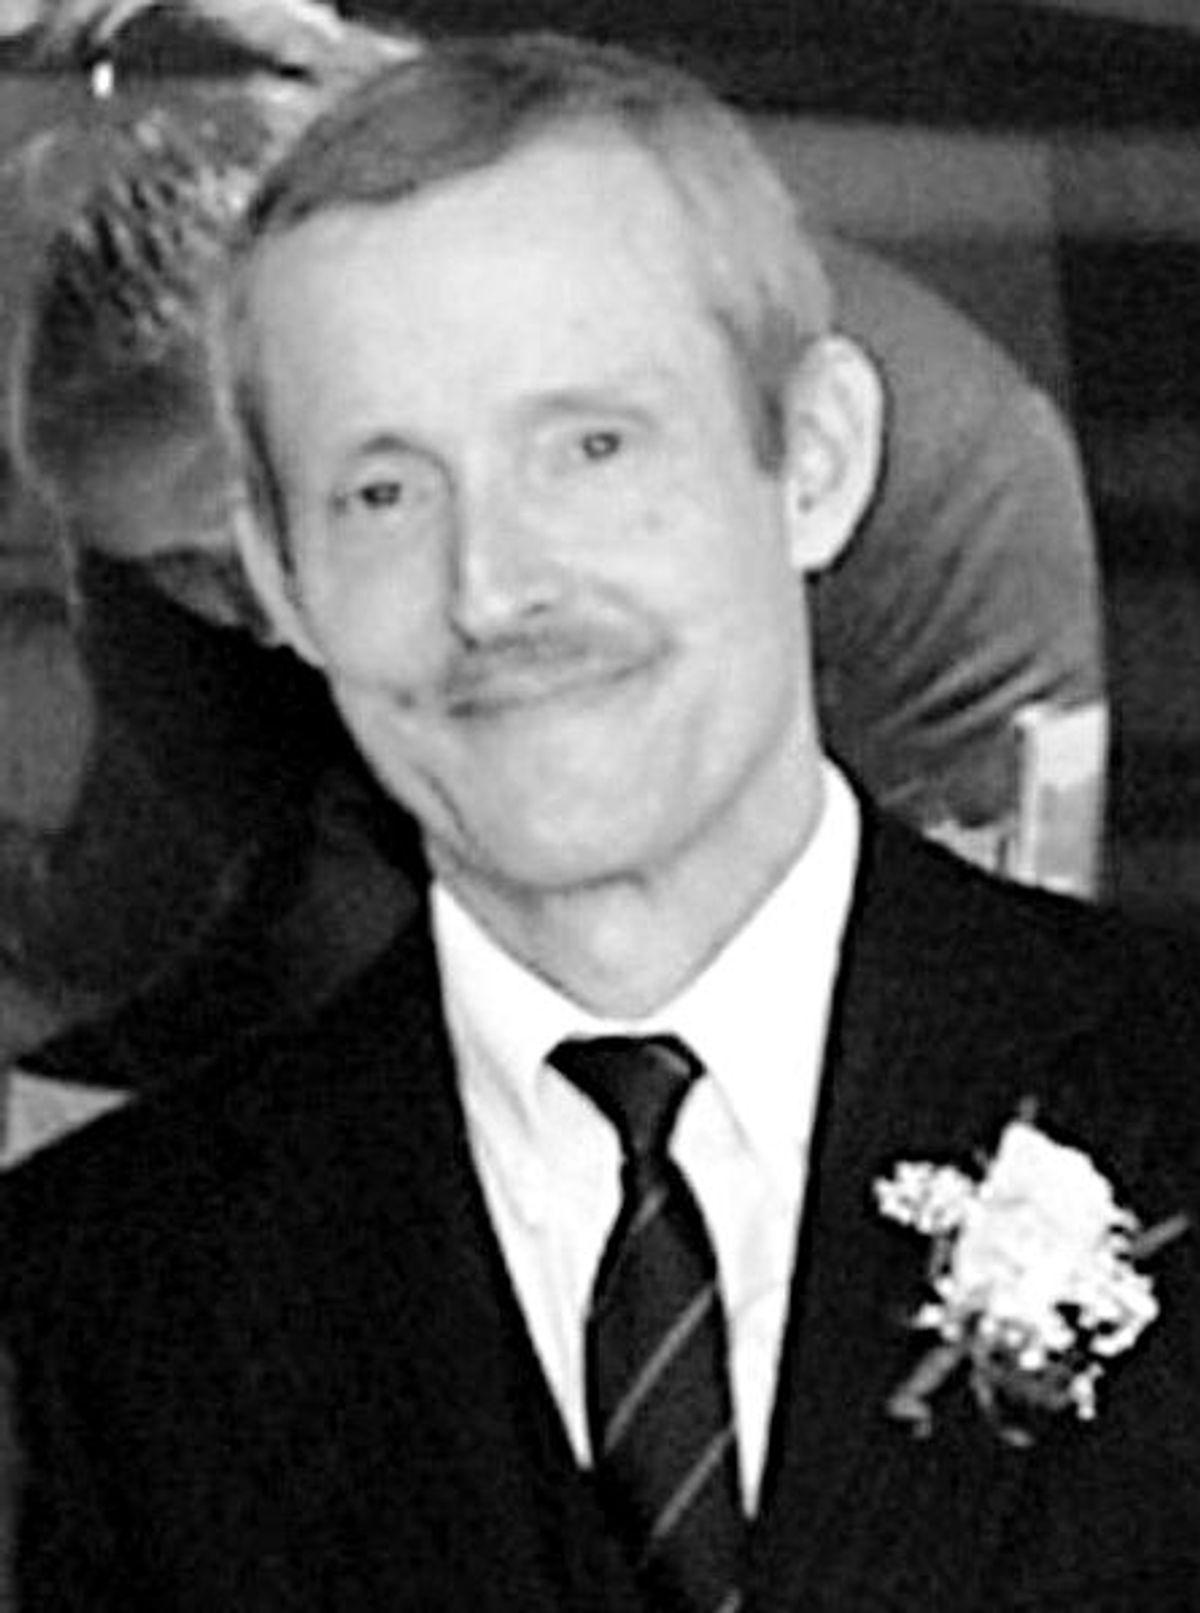 Ivins at a 2003 awards ceremony at USAMRIID